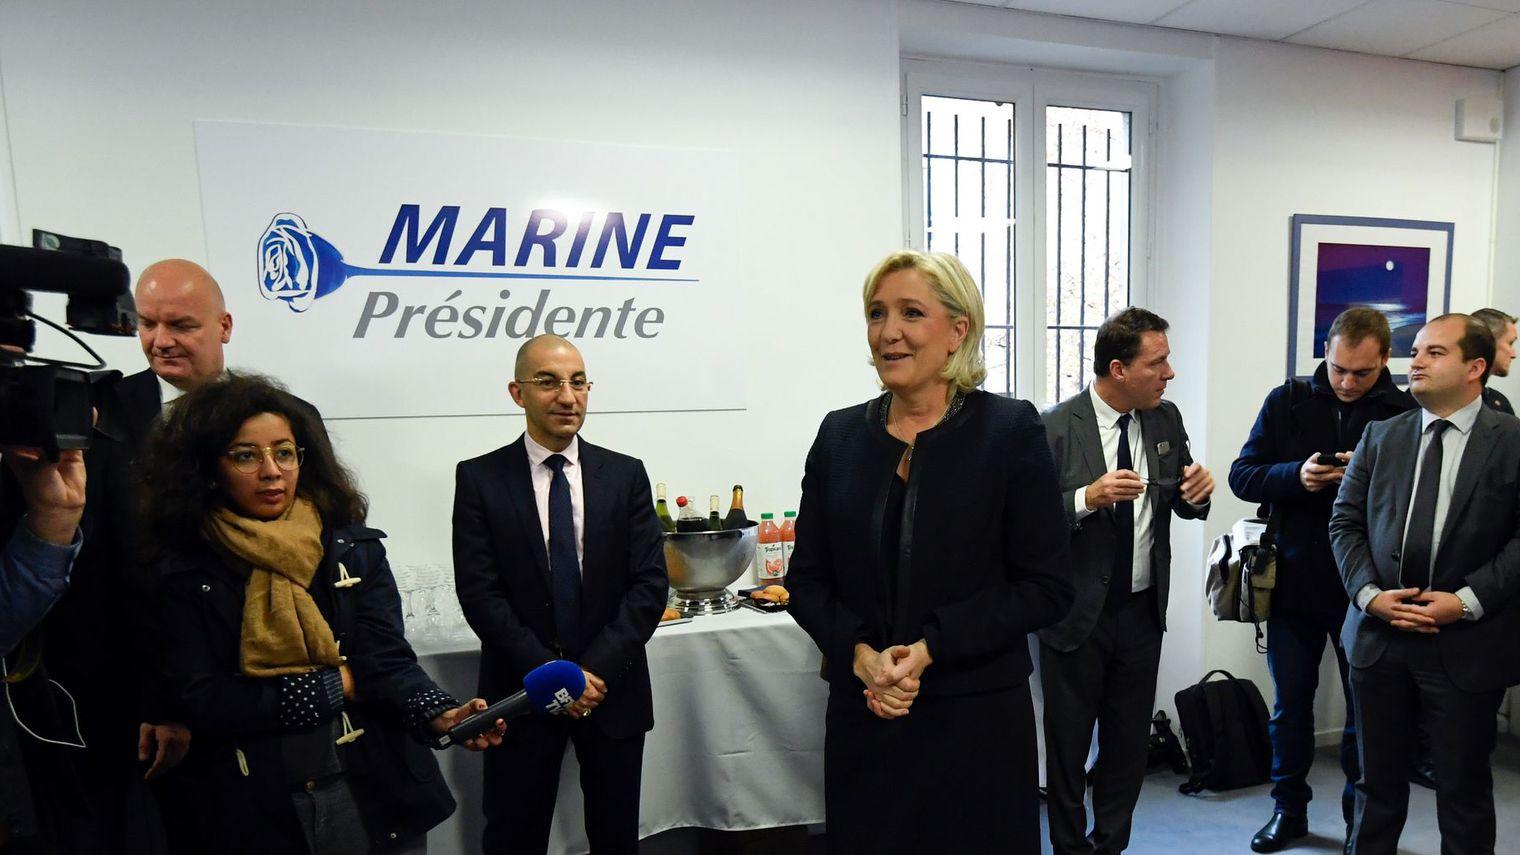 Marine Le Pen présente le logo de sa campagne présidentielle : la Rose bleue